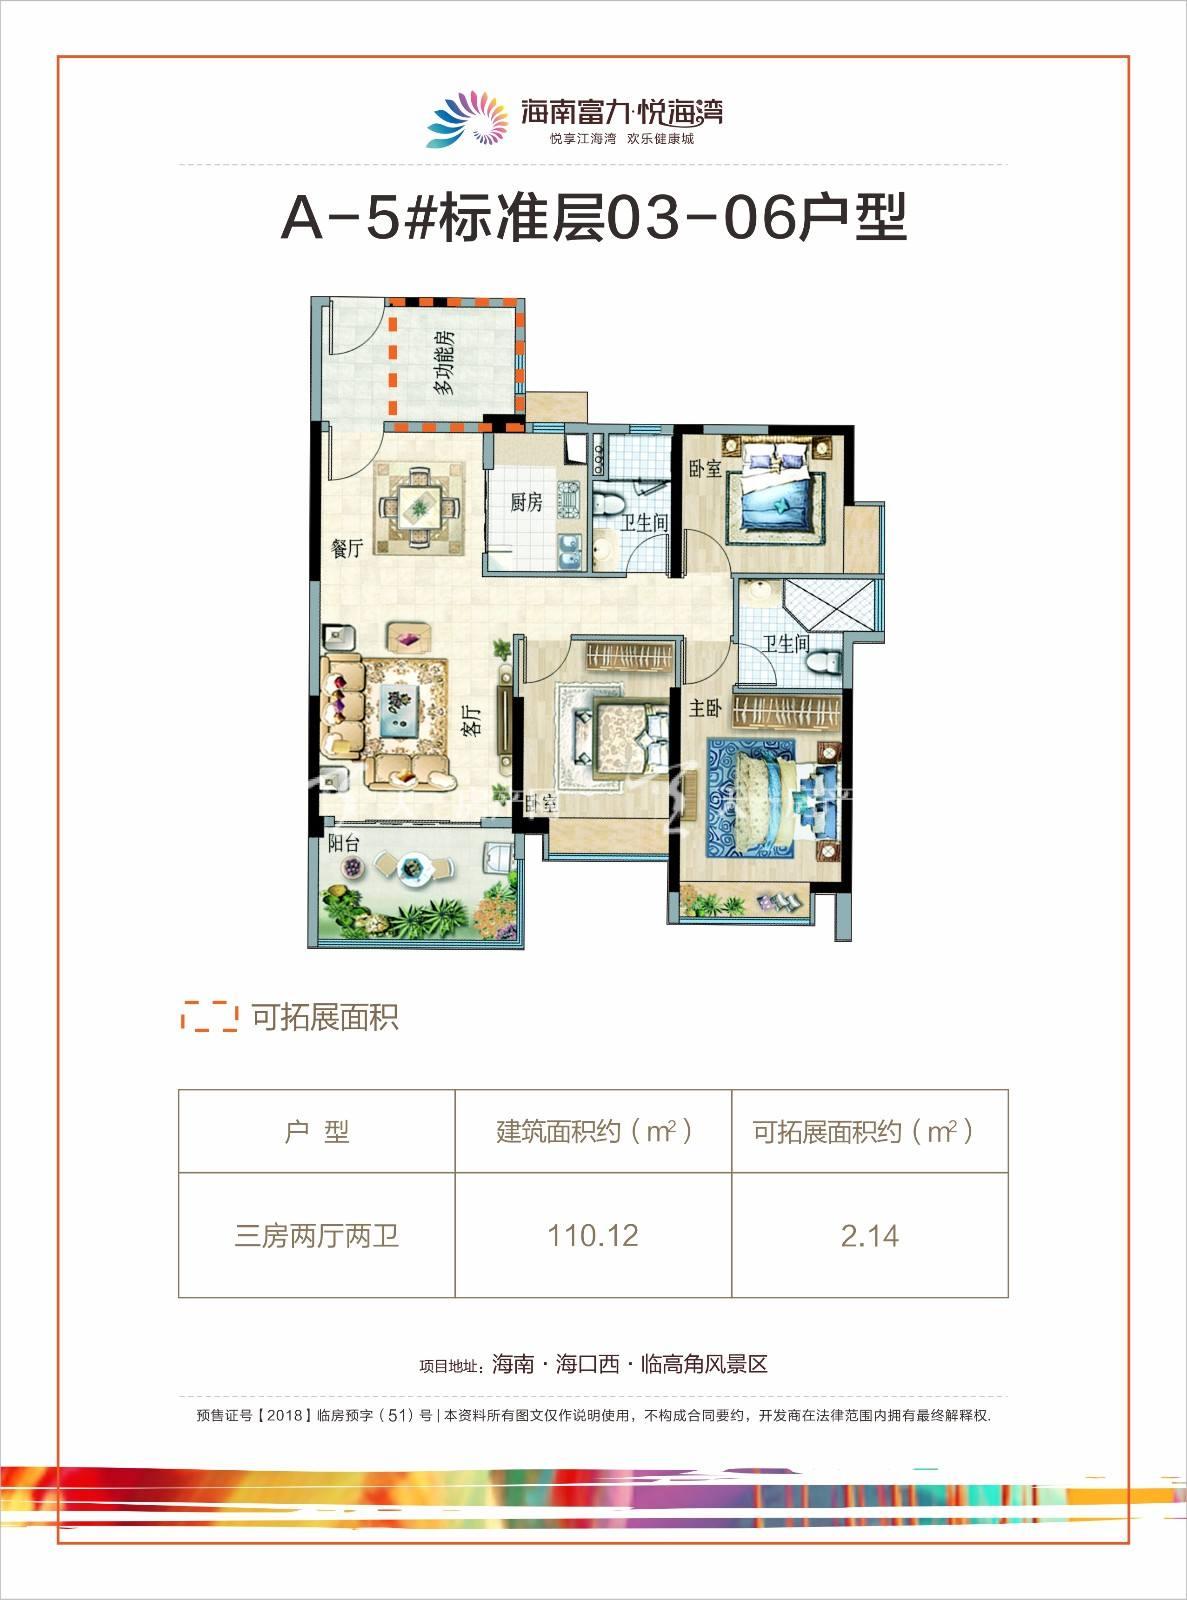 富力悦海湾A-5三房两厅两卫建筑面积约110㎡.jpg